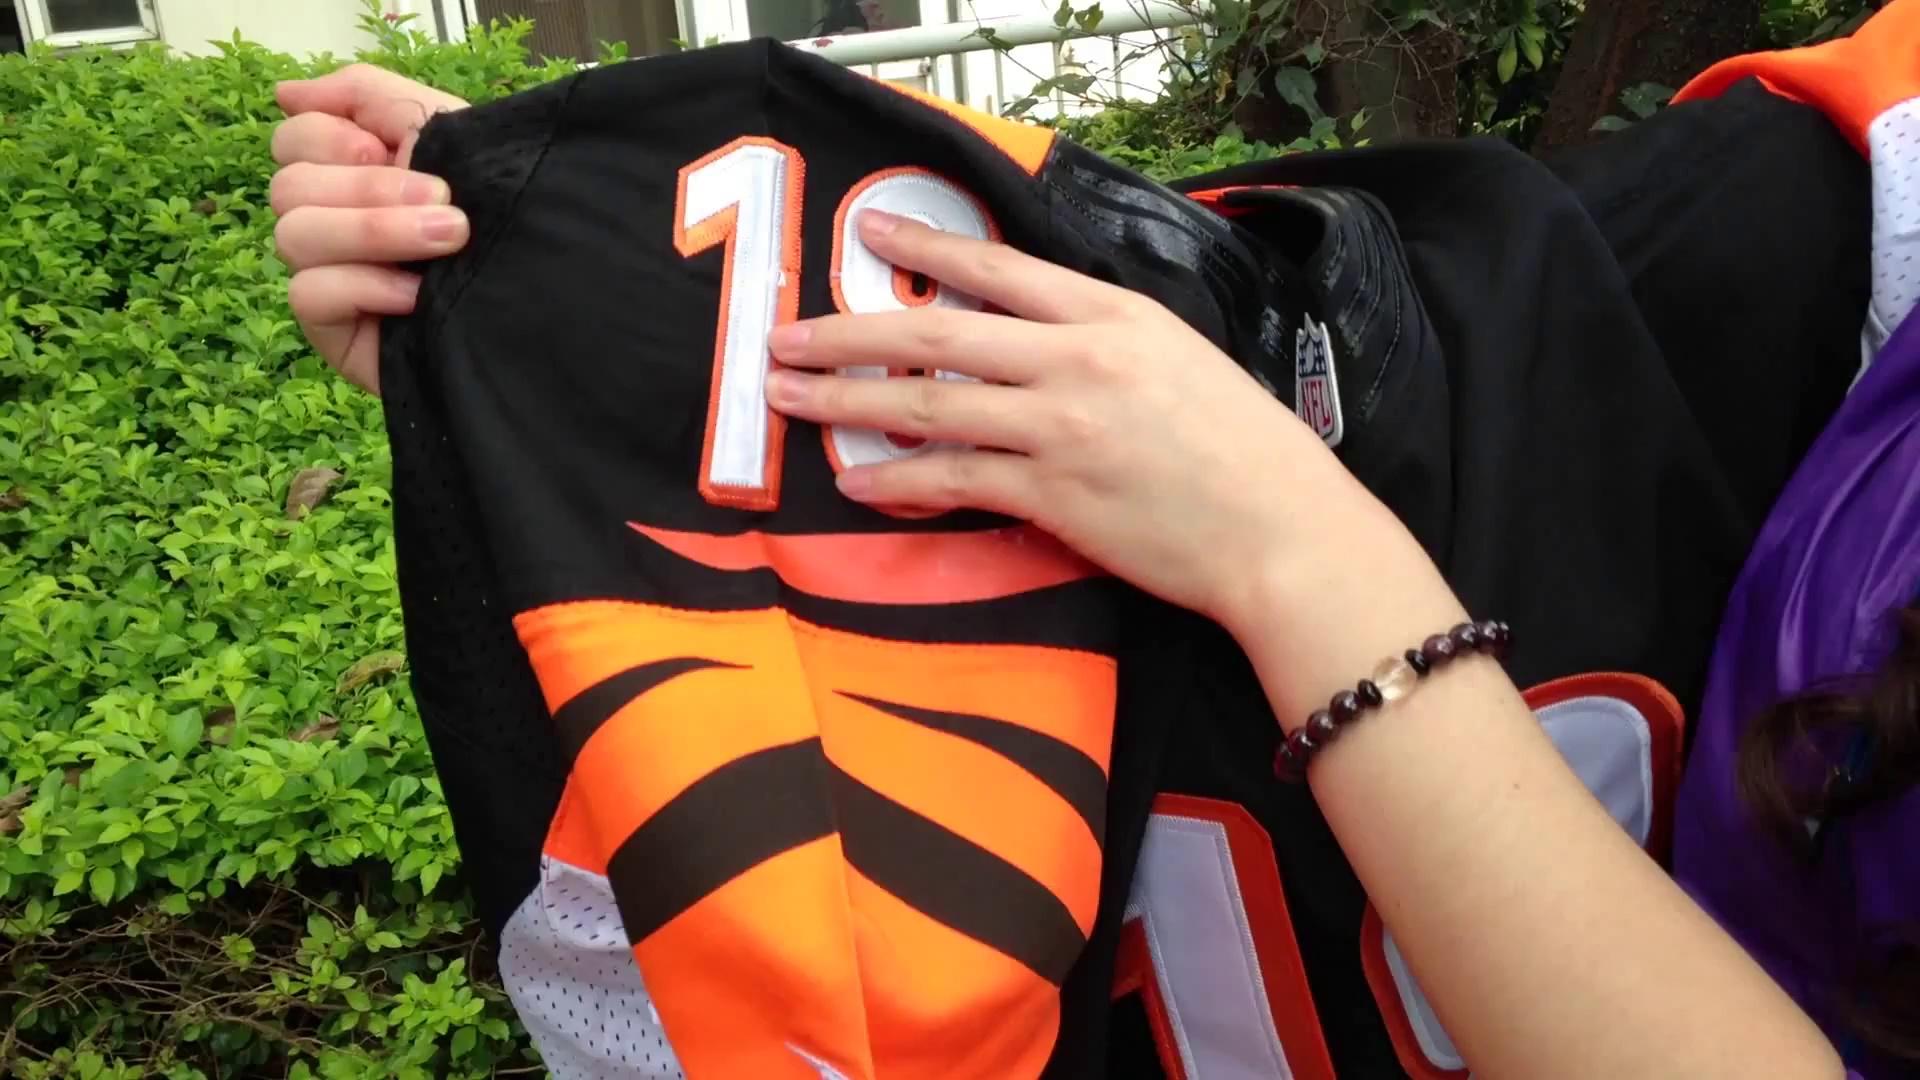 Cheap NFL jerseys,Nike NFL Jerseys Cincinnati Bengals A.J. Limited Jersey